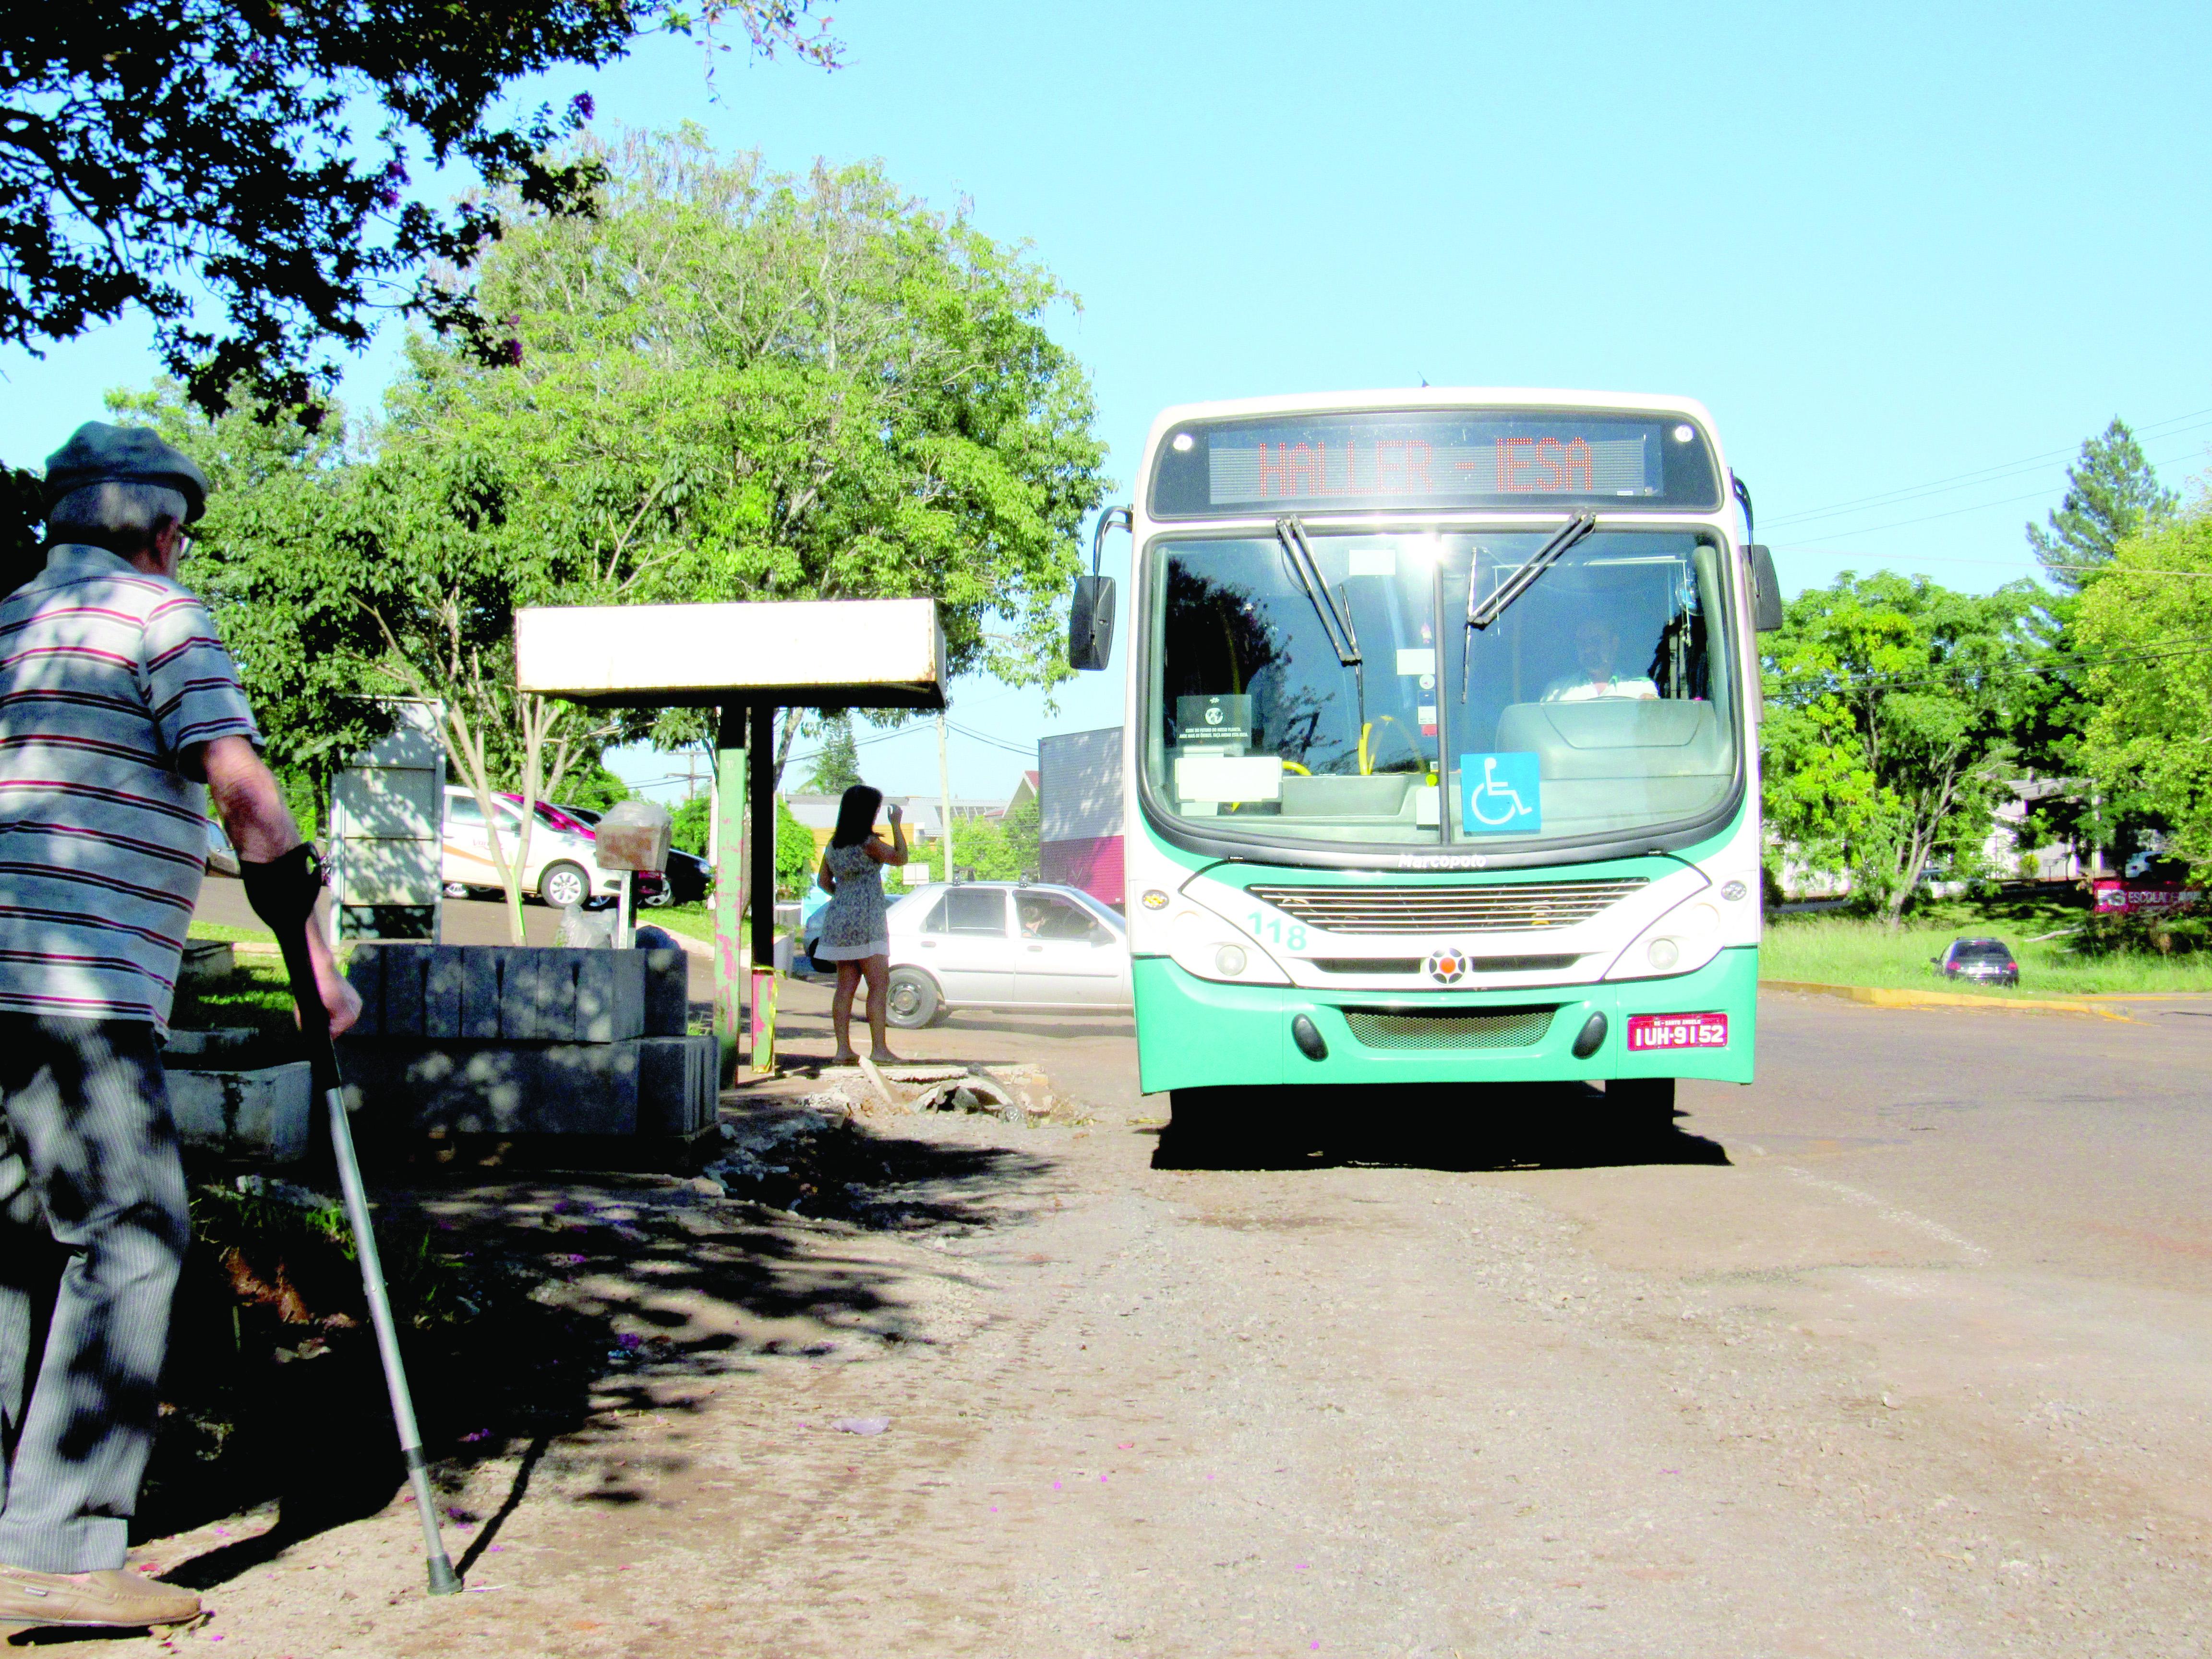 ônibus coletivo urbano rua interrompida 2